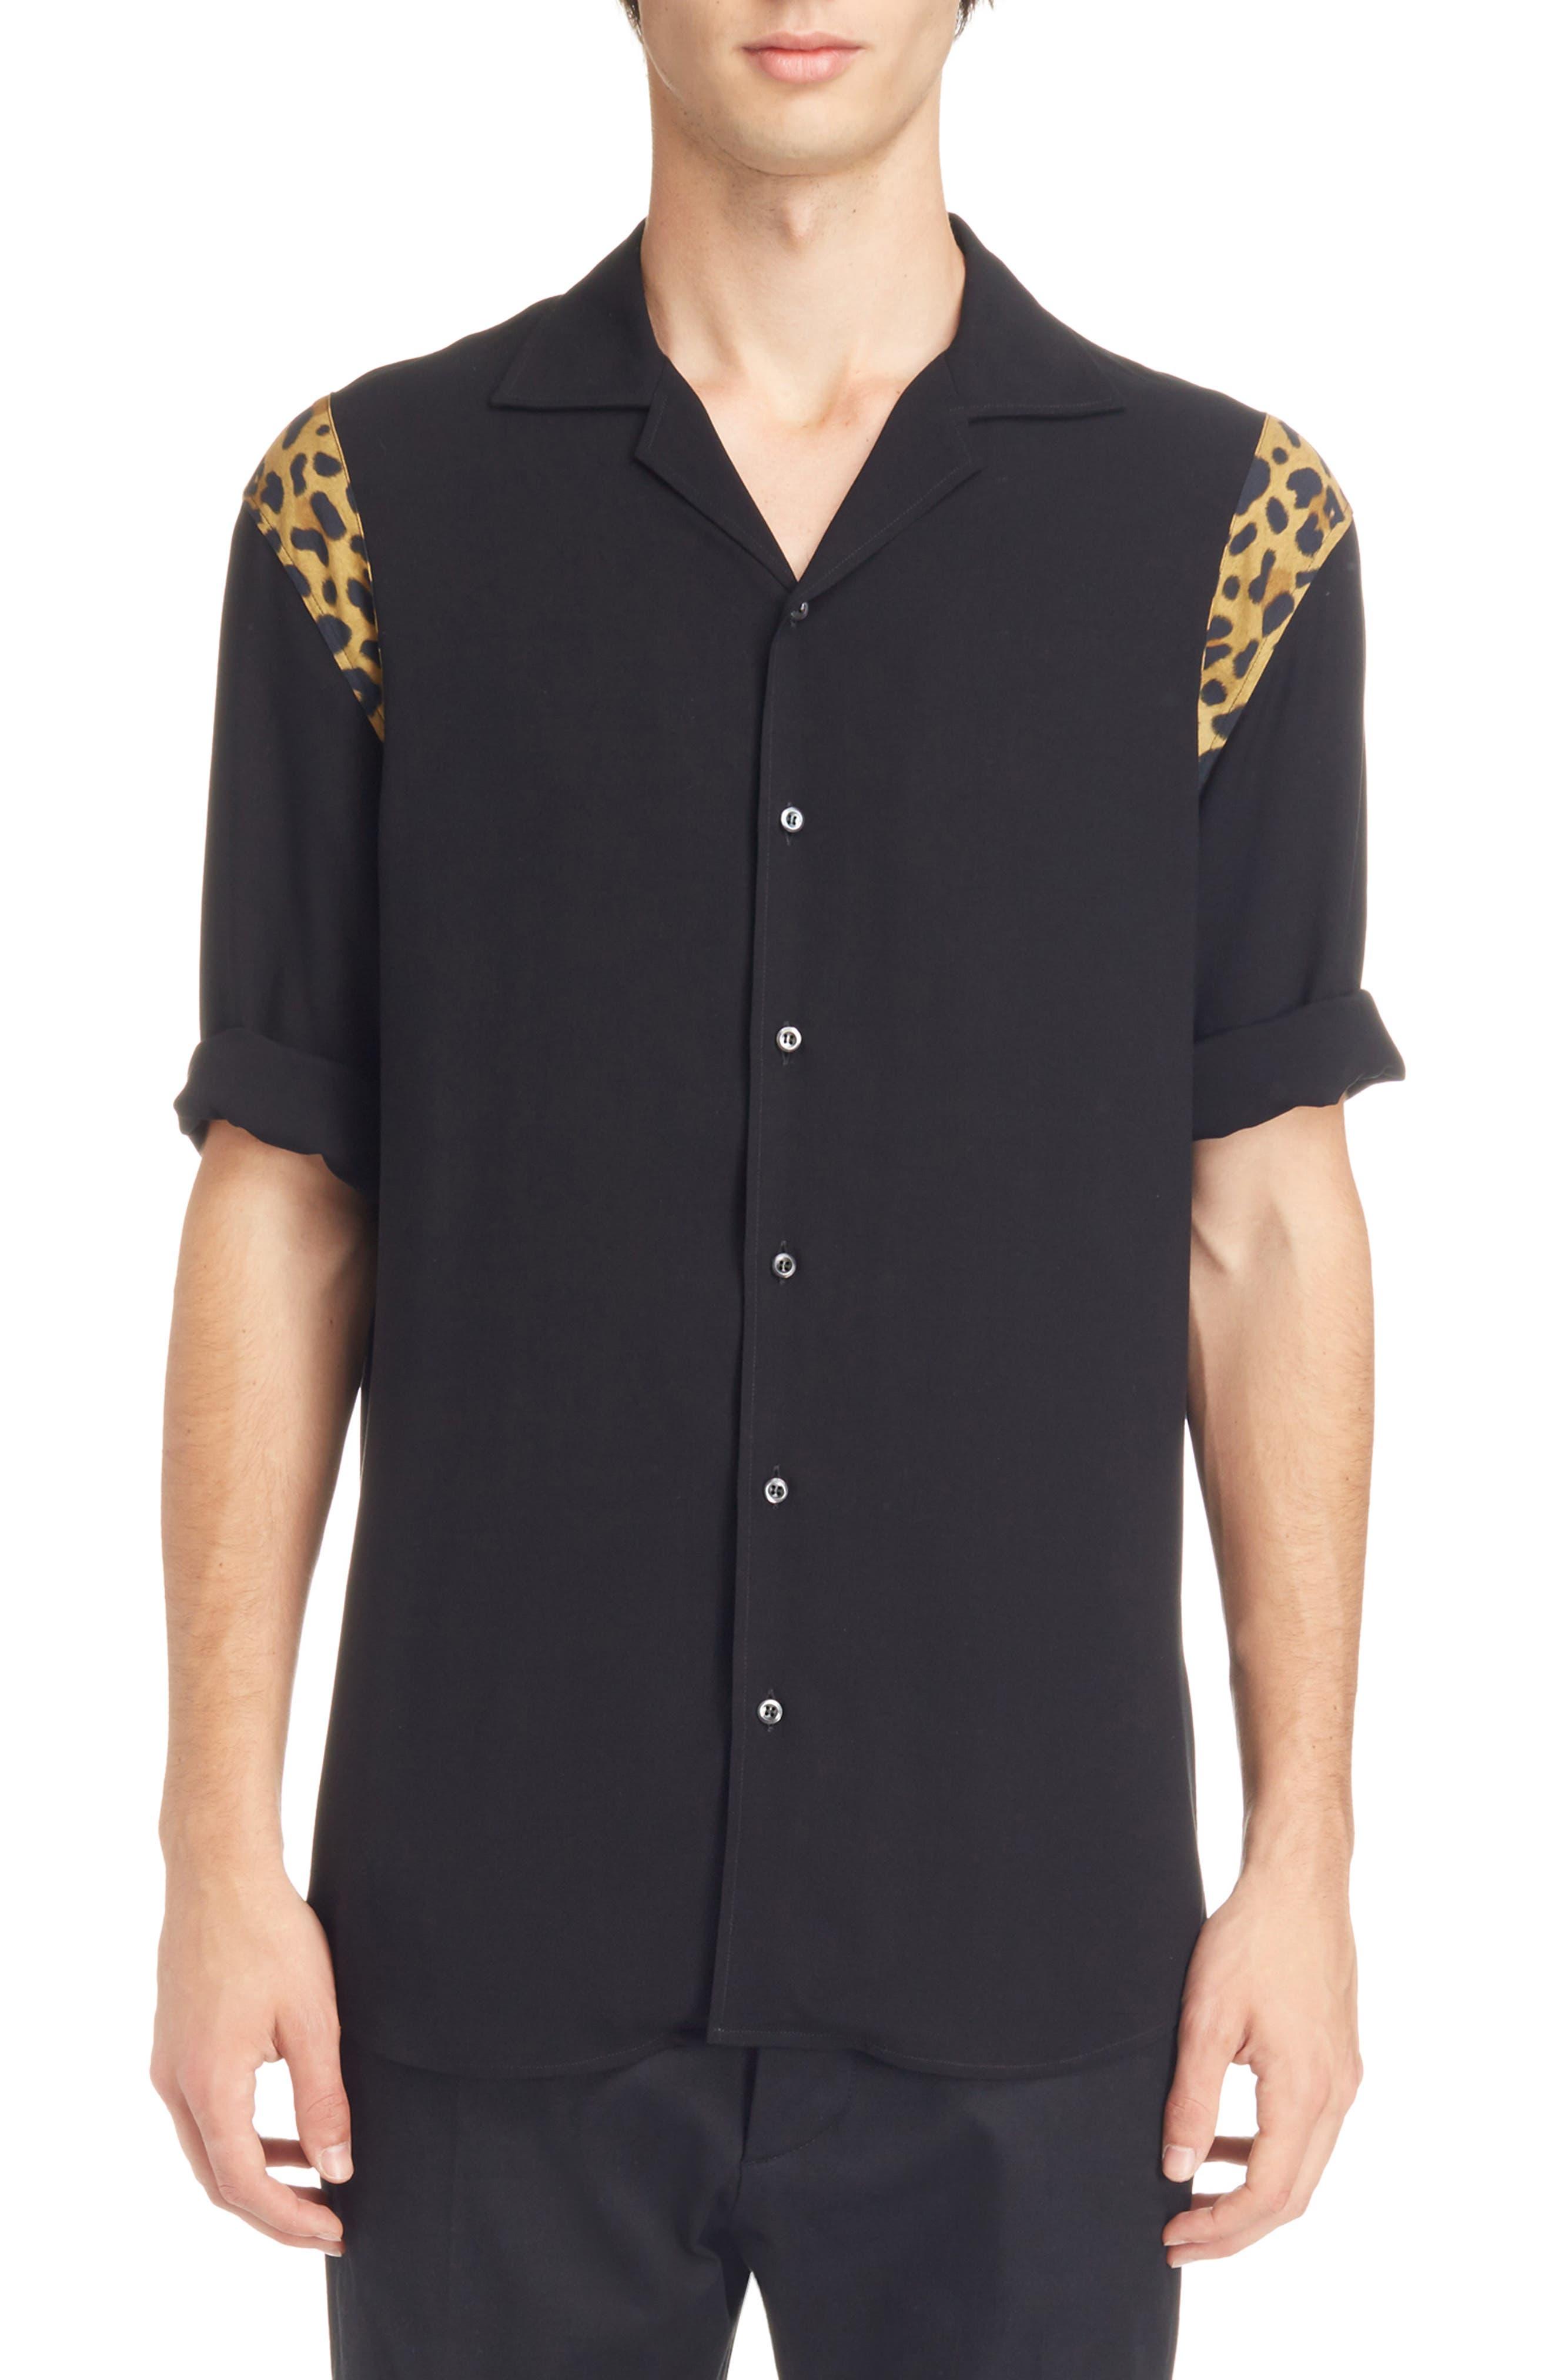 Bowling Shirt,                         Main,                         color, Black